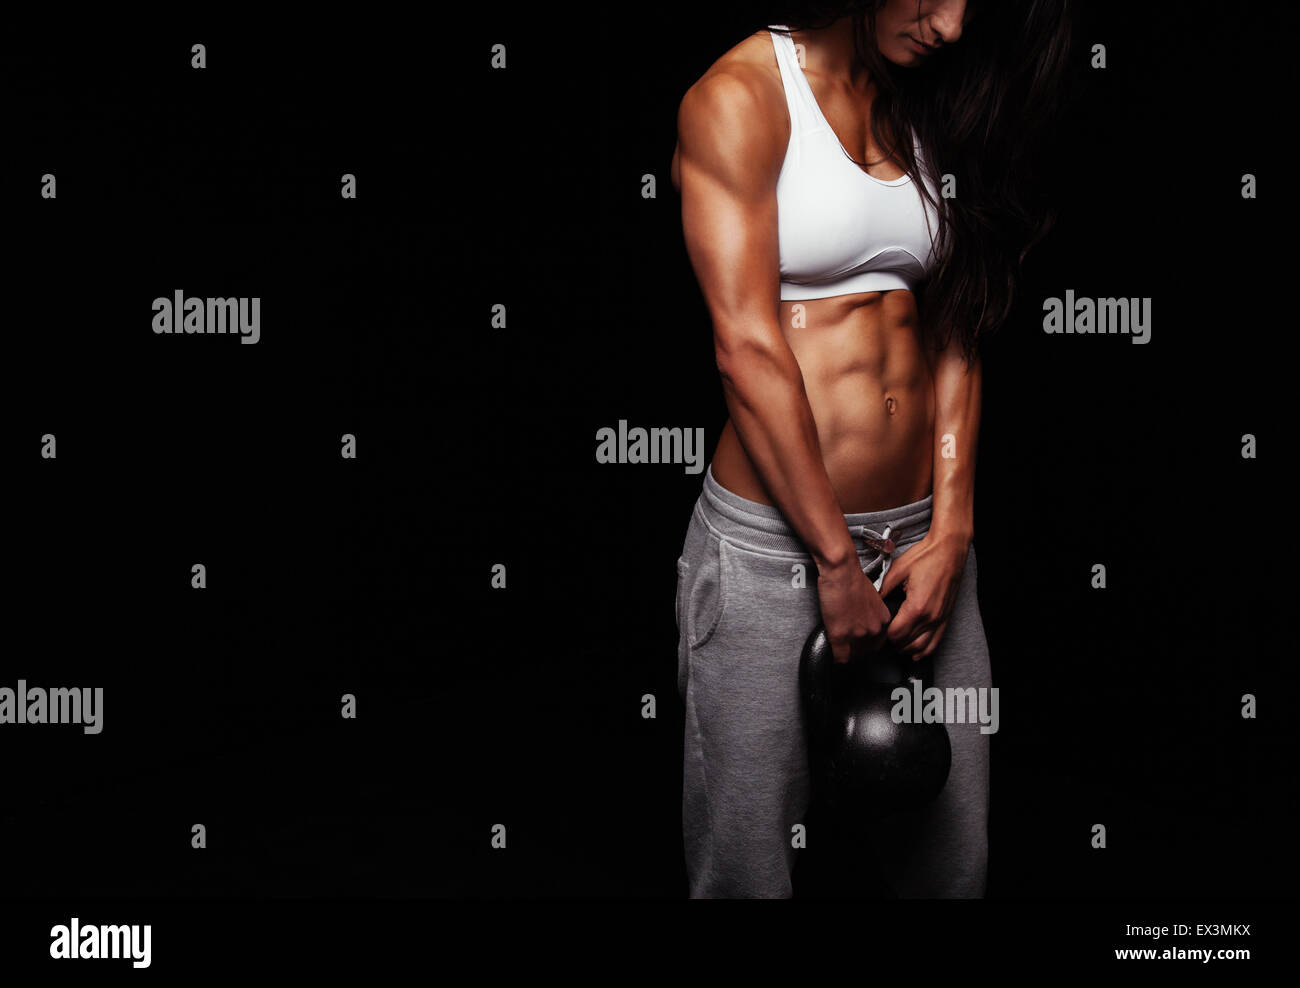 Captura recortada de la atleta femenina haciendo ejercicio body building con hervidor bell sobre fondo negro. Imagen De Stock